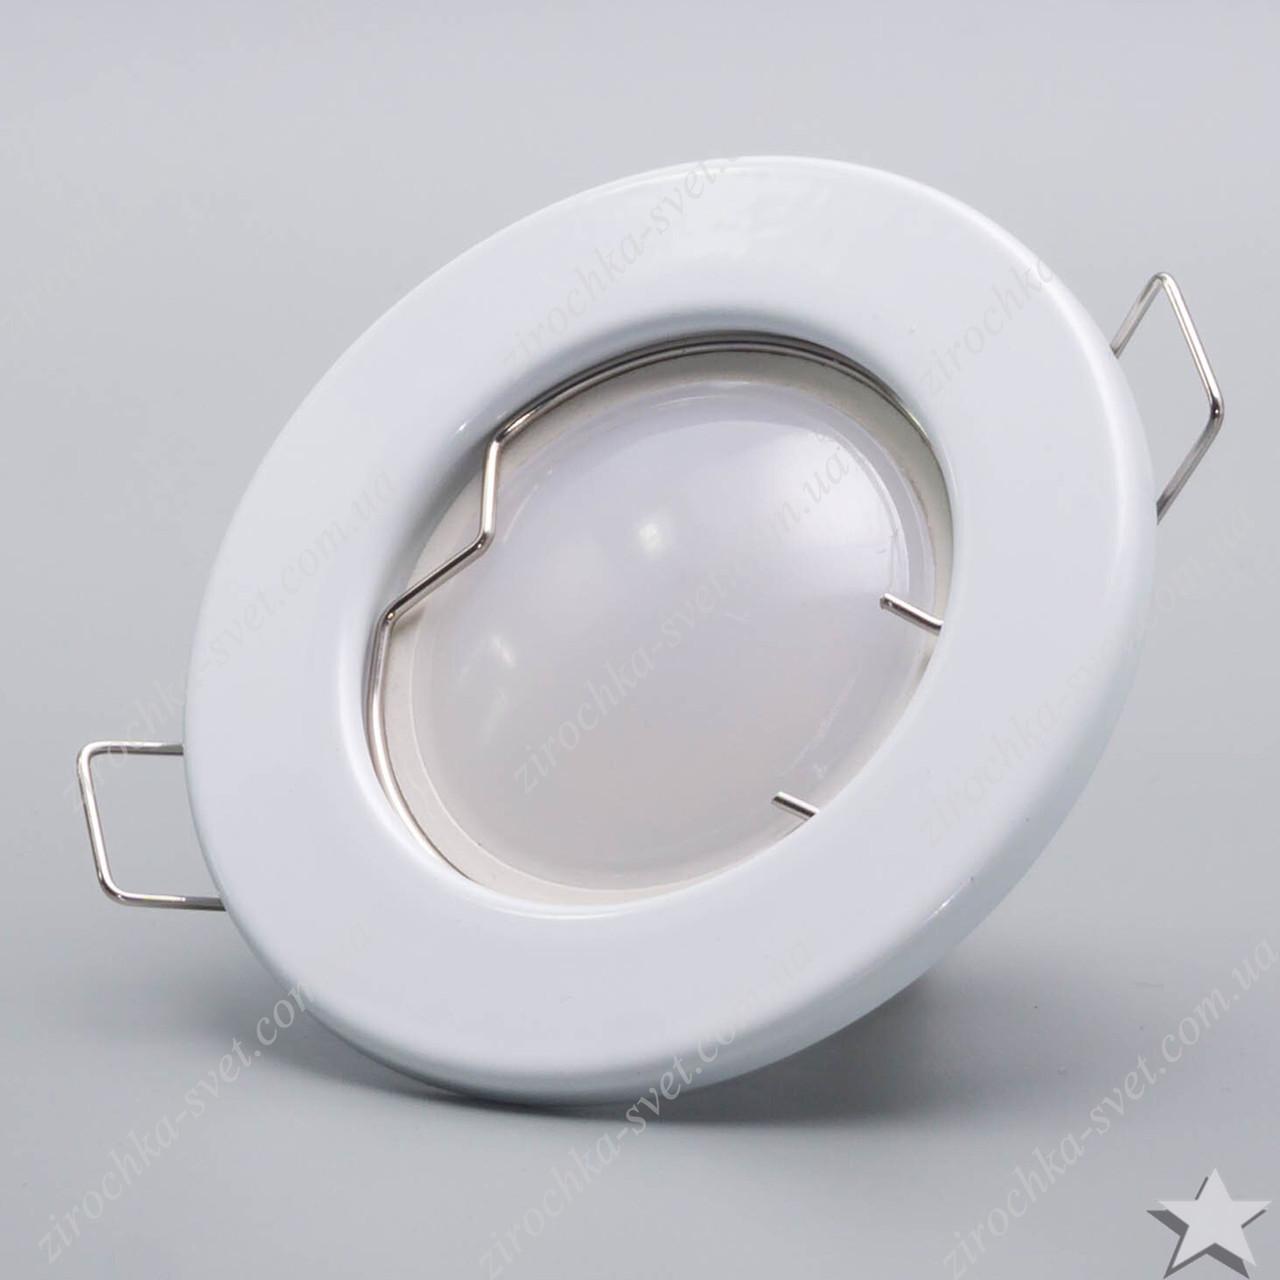 Светильник встраиваемый Feron DL10 белый под лампу MR16